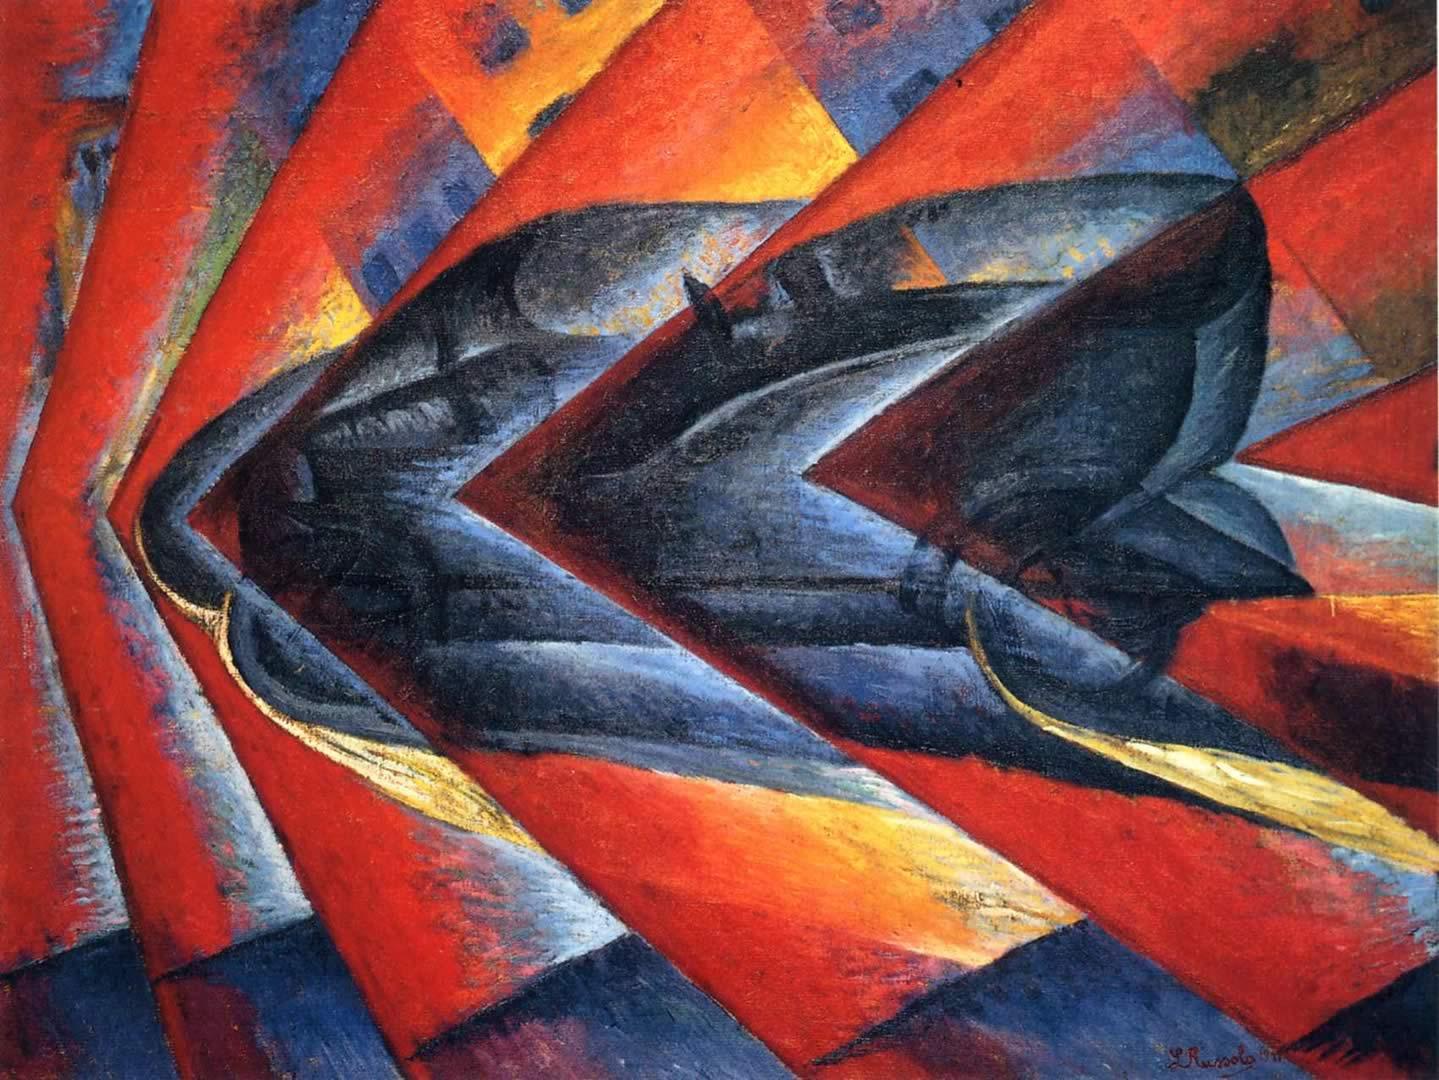 Luigi Russolo   Dynamism of an Automobile,    1911 Oil on canvas, 106 x 140 cm Paris, Musée National d'Art Morderne